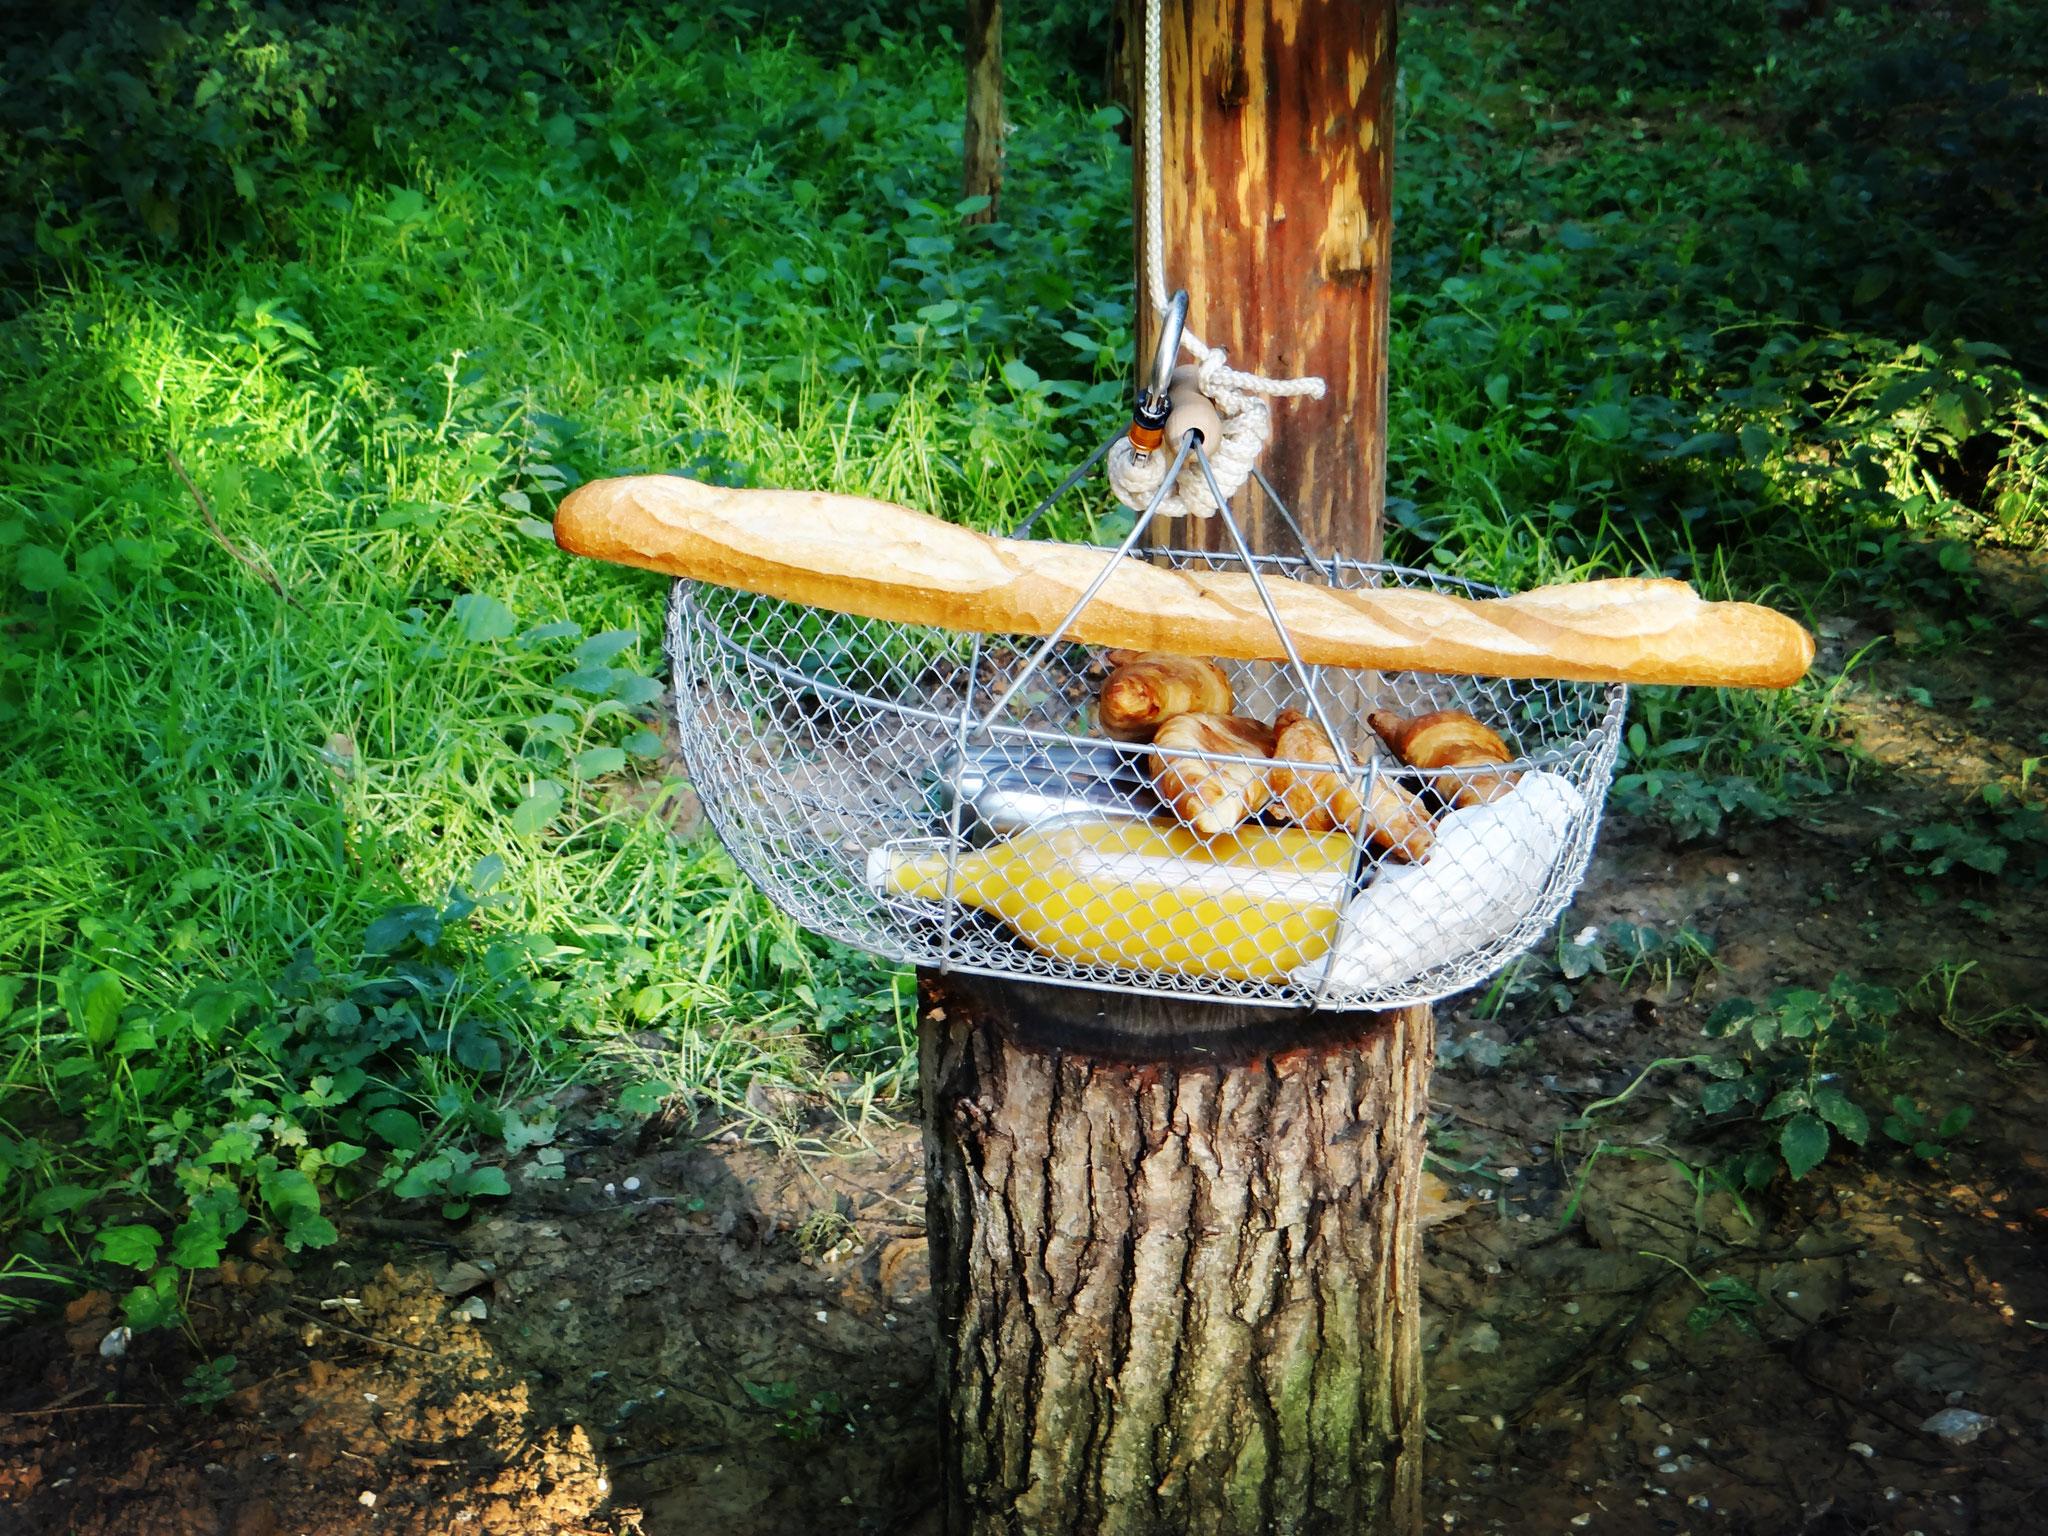 Profiter vos vacances dans la nature avec petit-déjeuner en Baie de Somme